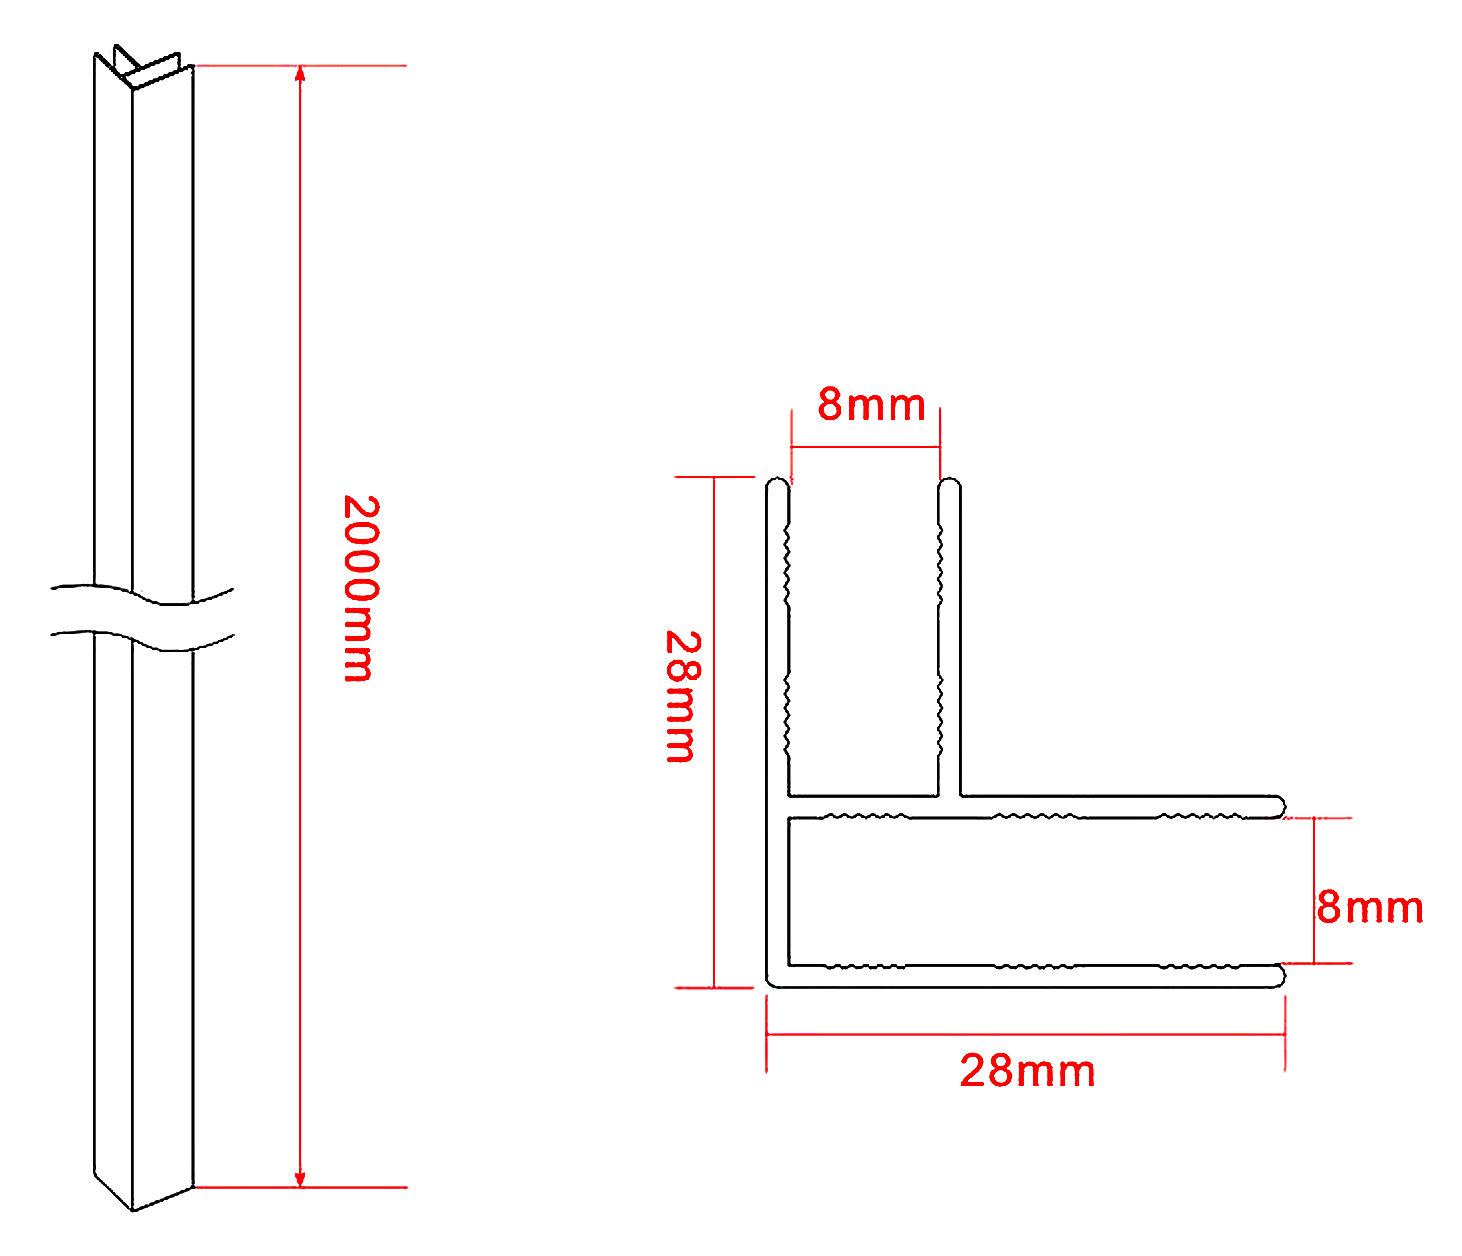 Eckprofil zur Verbindung von zwei 8 mm Glasteilen (Didivo)